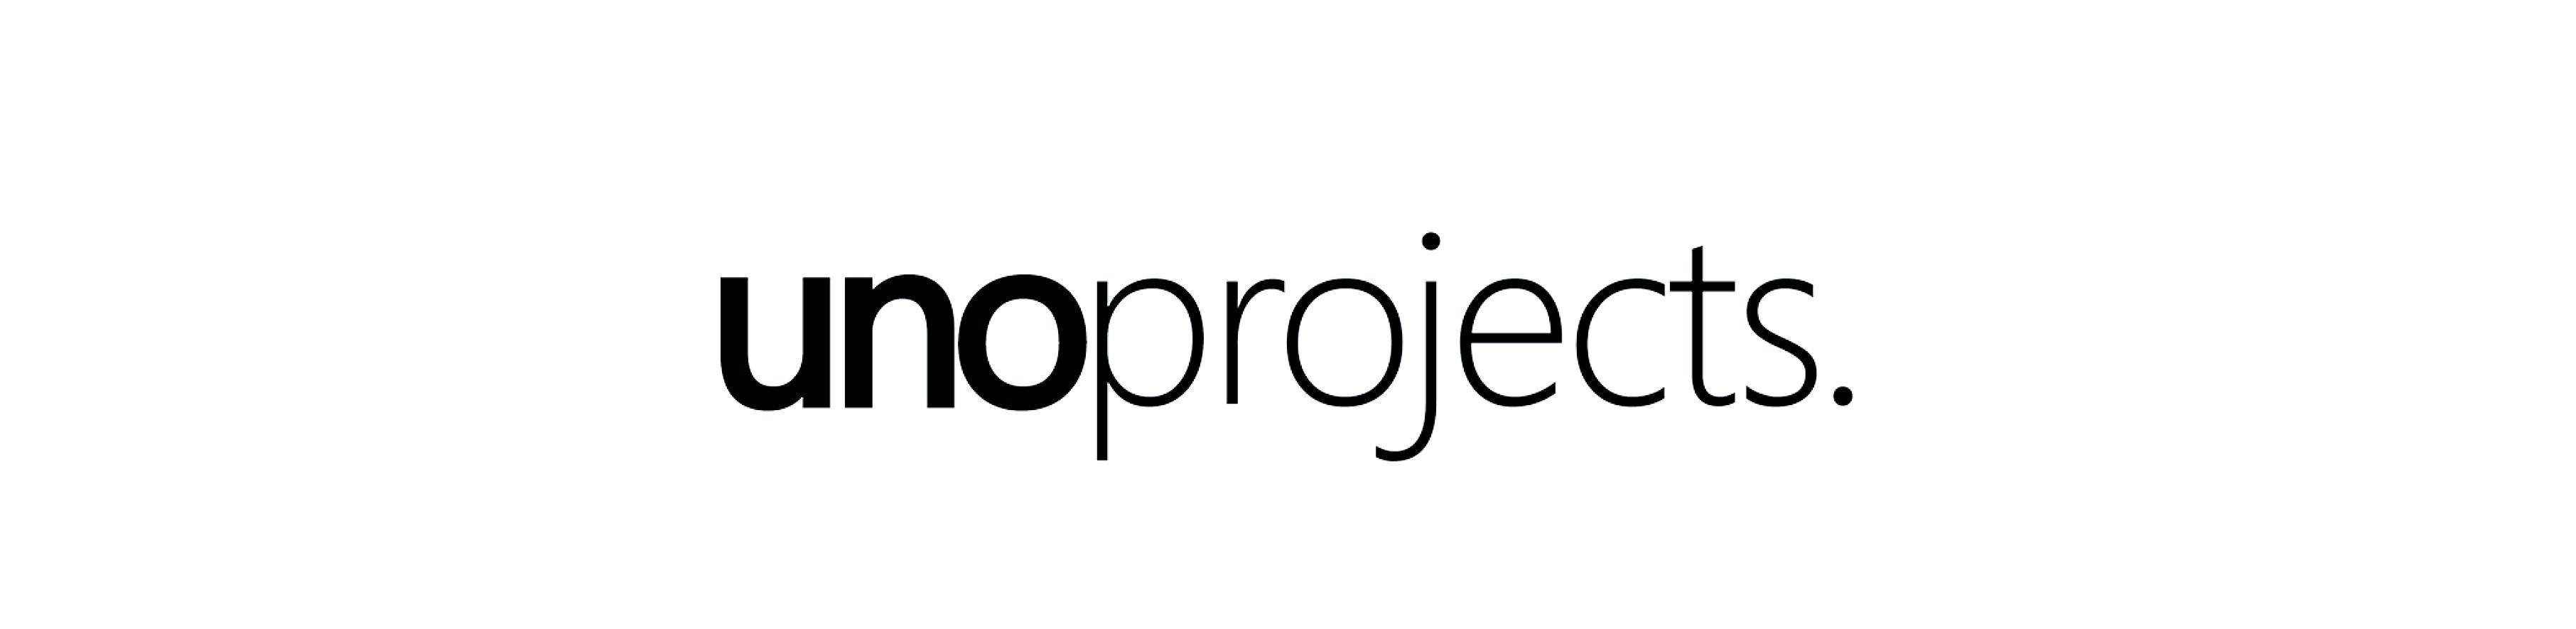 Unoprojects rediseña su identidad y diseño web